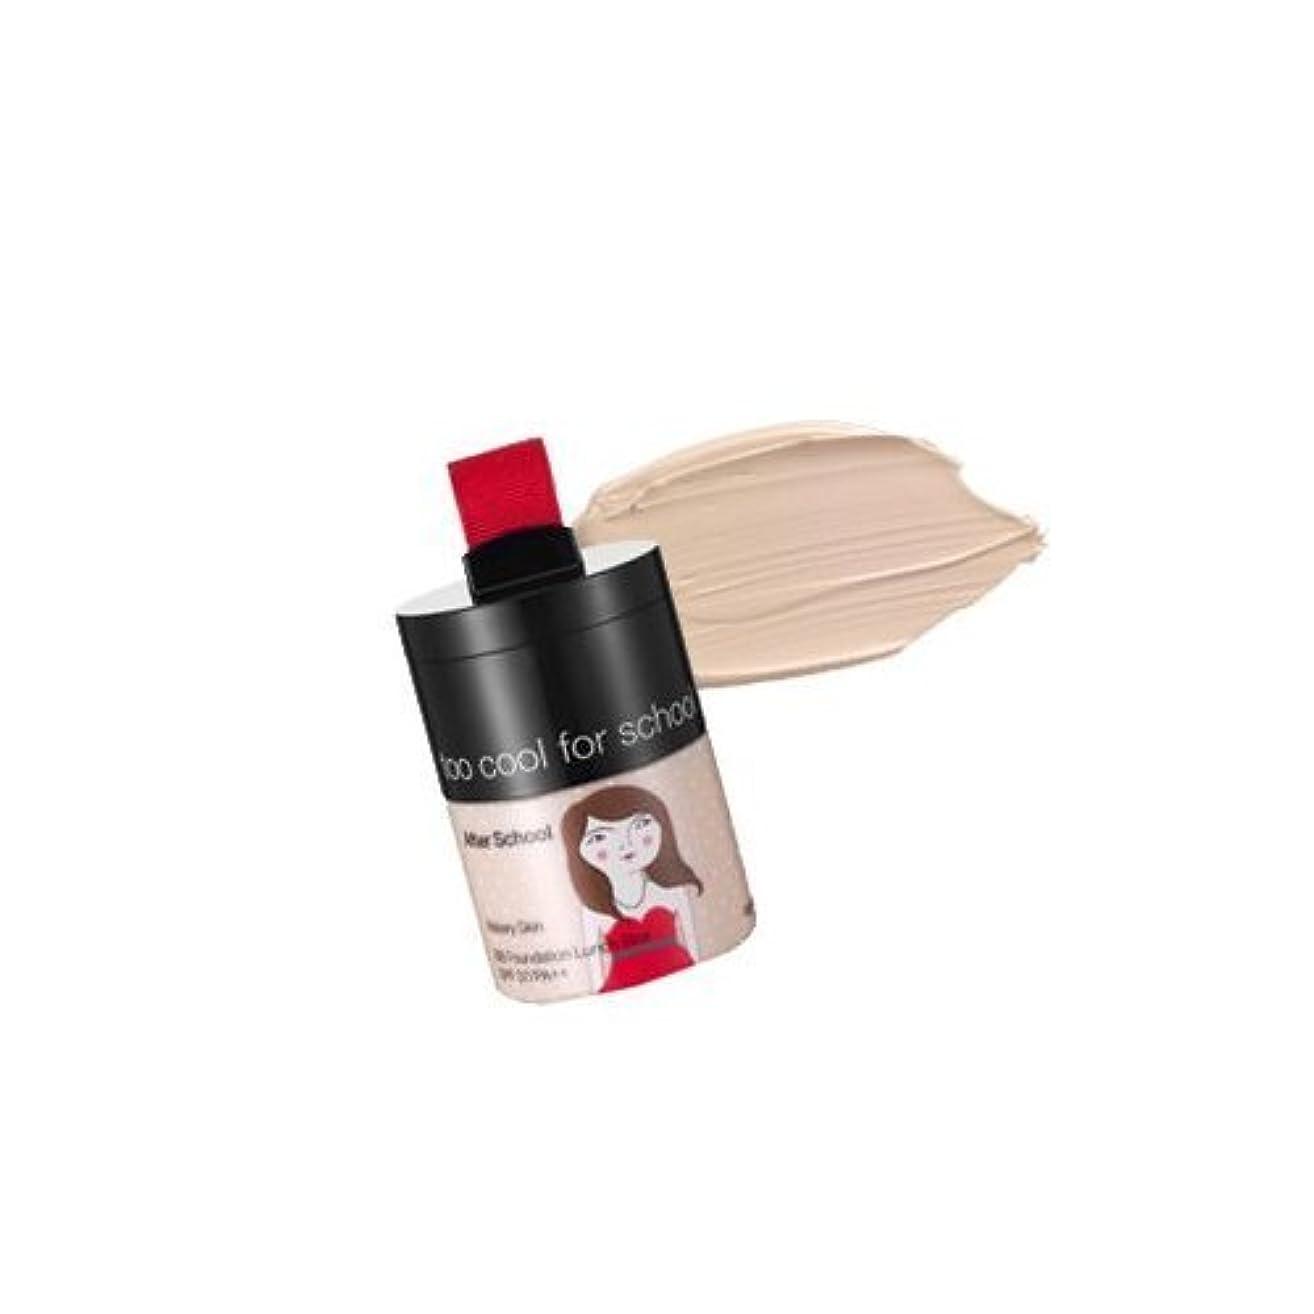 系譜心理的にスパイTOO COOL FOR SCHOOL After School BB Foundation Lunch Box 01 Matte Skin (並行輸入品)